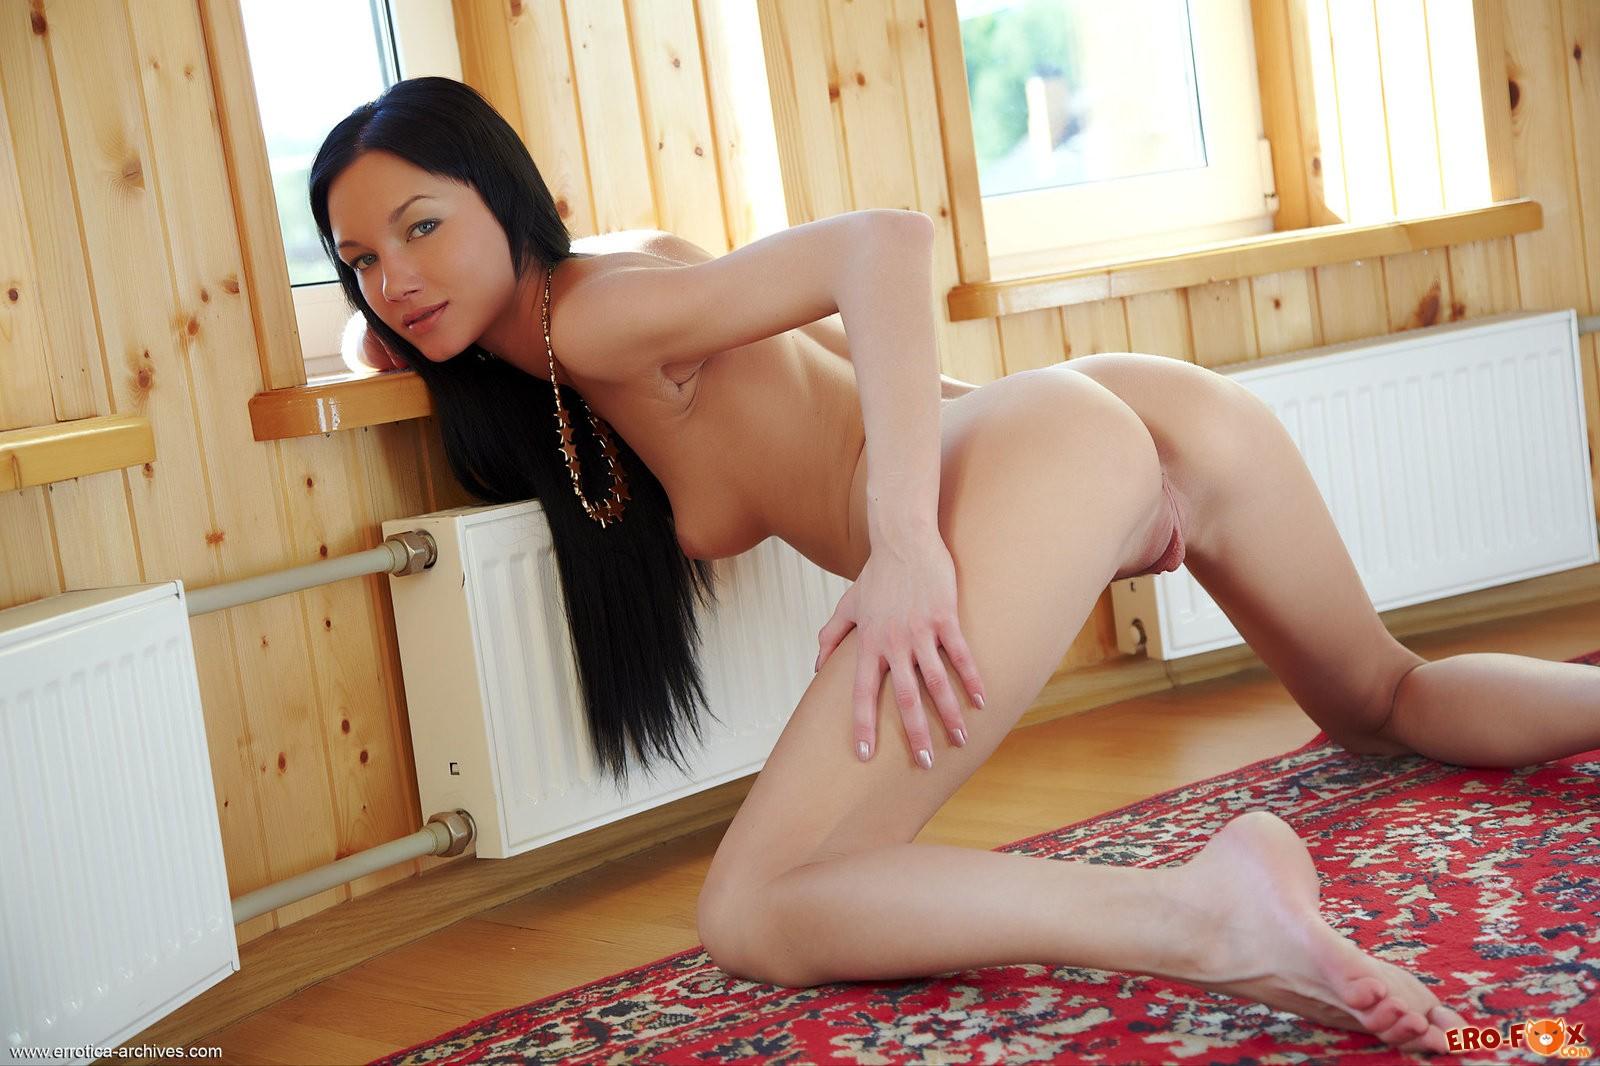 Голая девушка на ковре